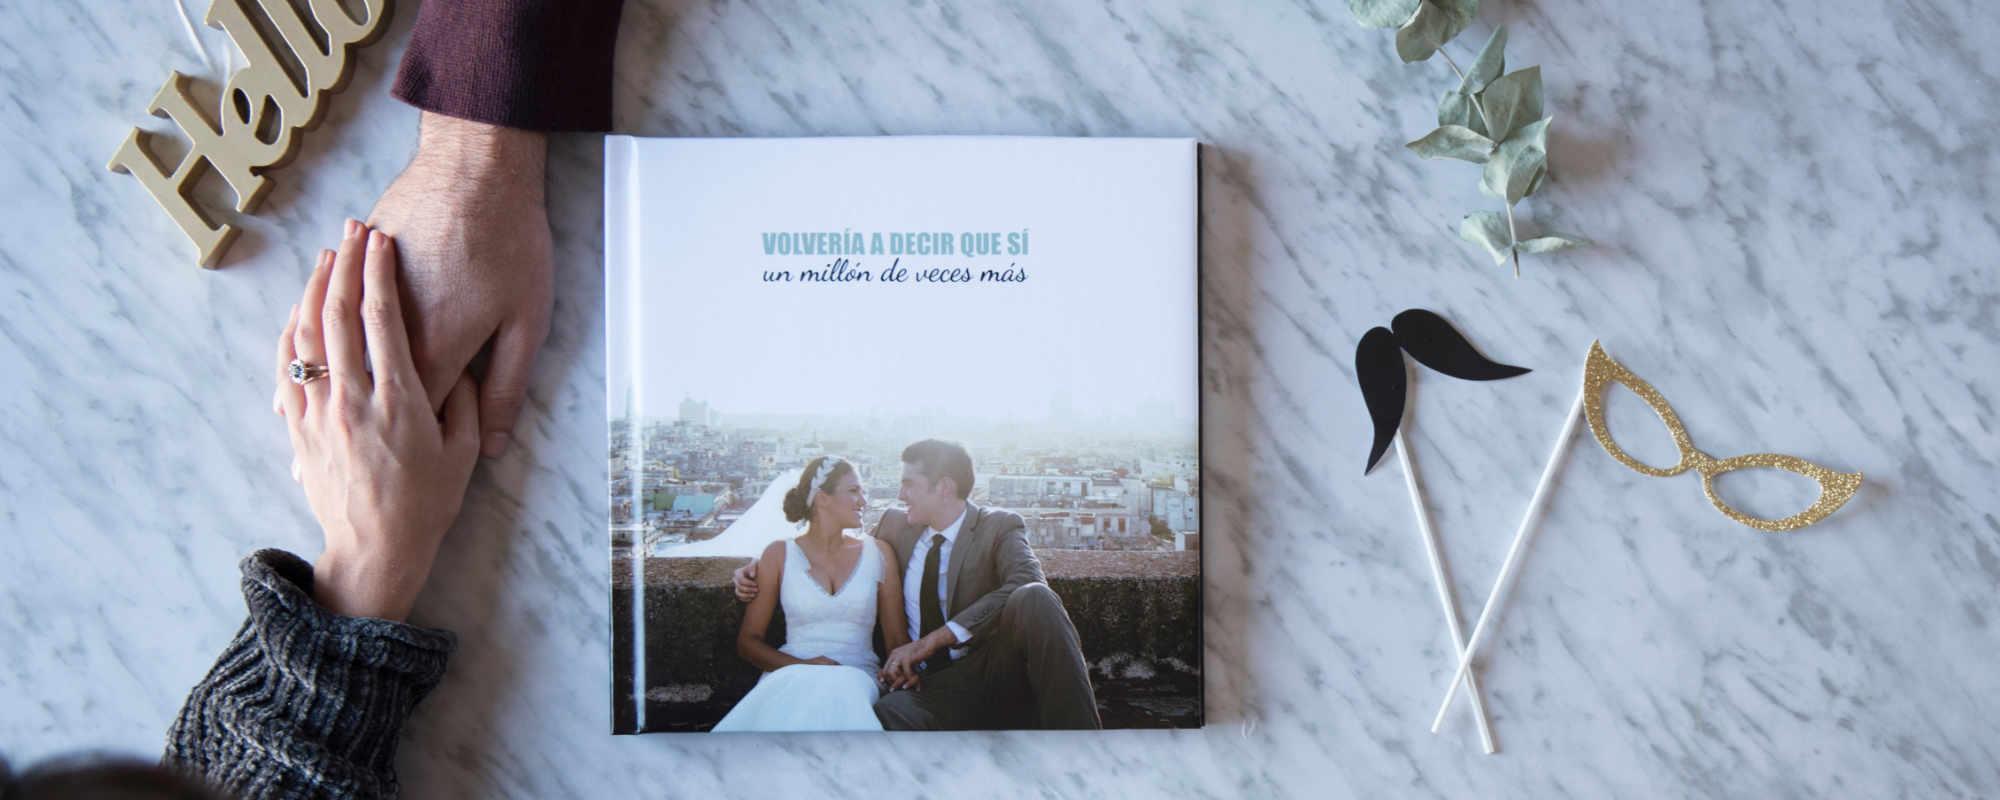 8 Ideas De álbum Hofmann Para Regalar En San Valentín Blog